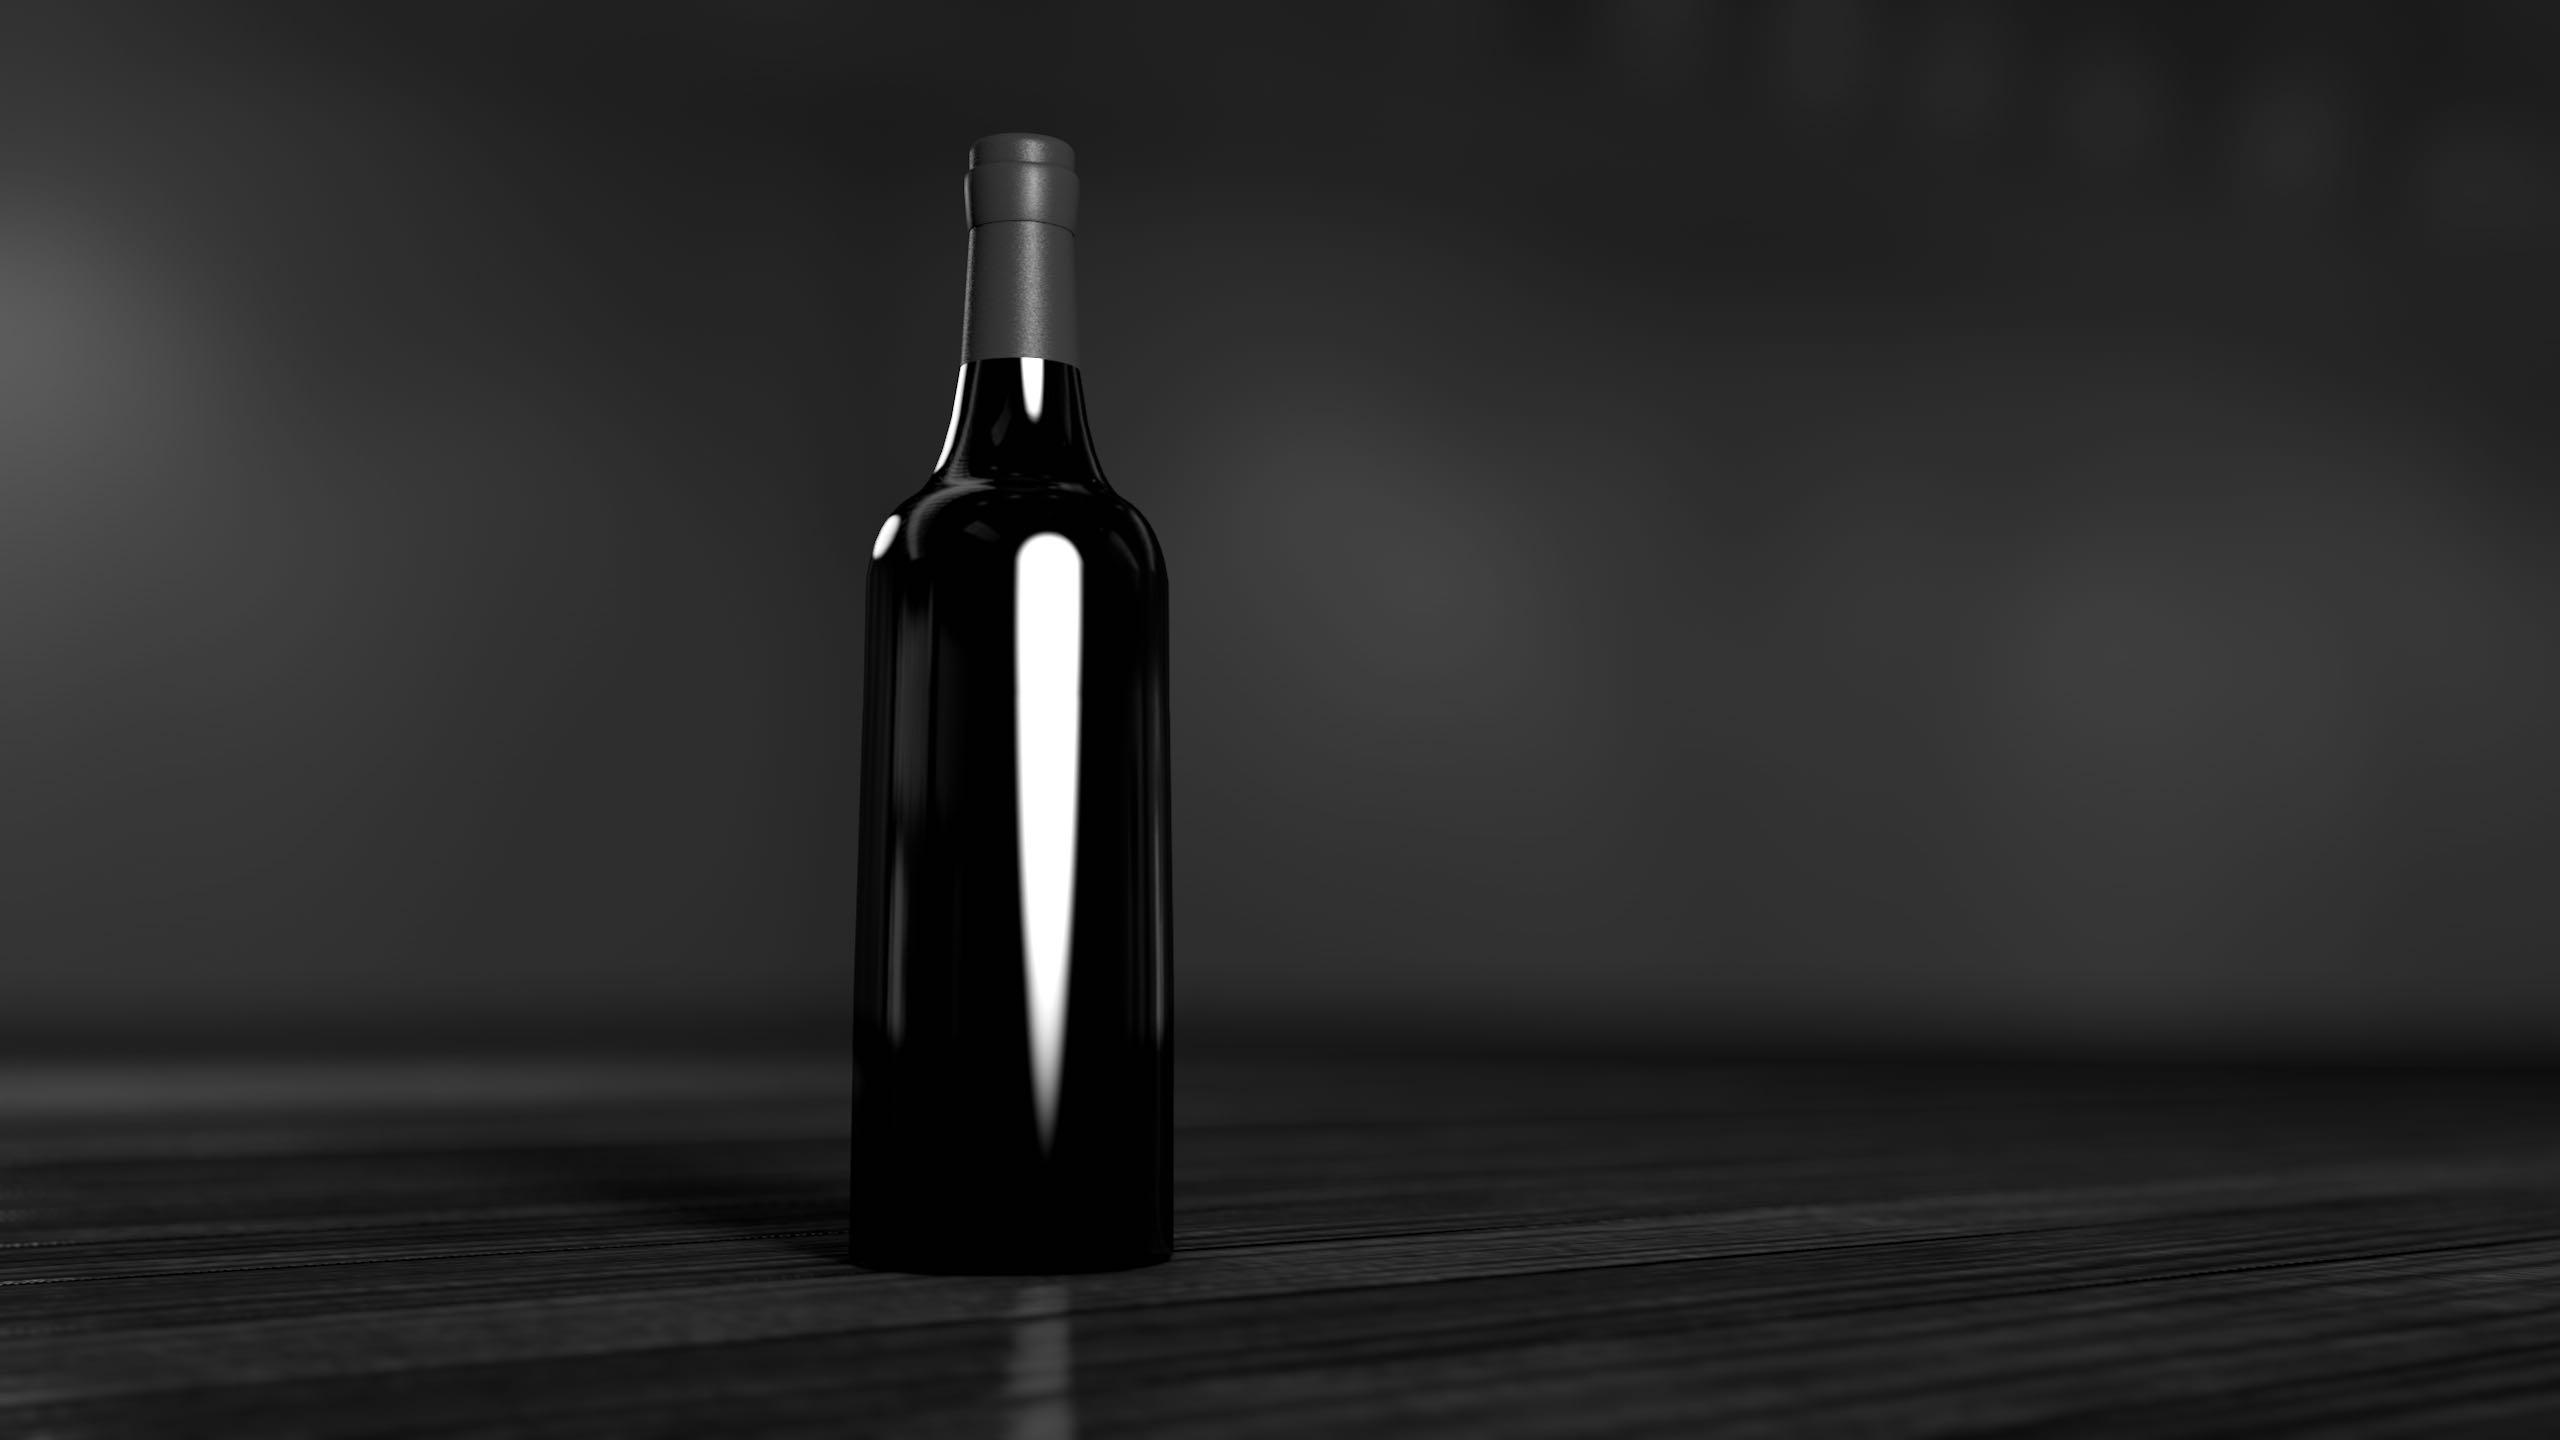 Ongelofelijke stunt : Incrédulo 2011 een prachtige Toro wijn ideaal voor bij uw feestmaaltijden : 5 + 1 gratis, 10 + 2 gratis, 15 + 3 gratis, &#8230; (tot voorraad op is)<dataavatar hidden data-avatar-url=http://0.gravatar.com/avatar/f3b8b67ca4307b17dfa0eb7213cdcf4e?s=96&d=mm&r=g></dataavatar>